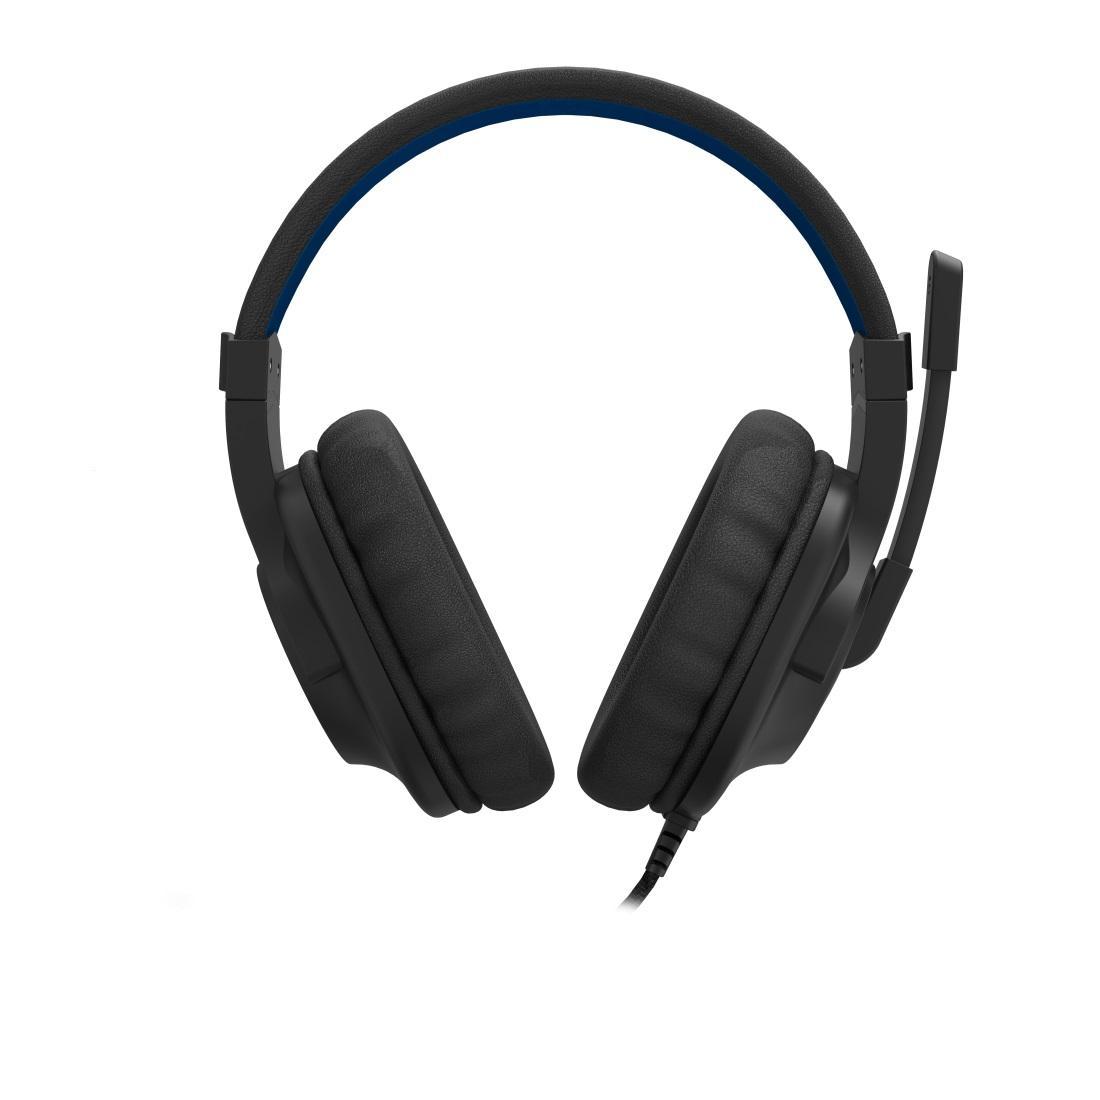 Геймърски слушалки Hama uRage Soundz 100, Микрофон, 3.5мм жак, Черен-3